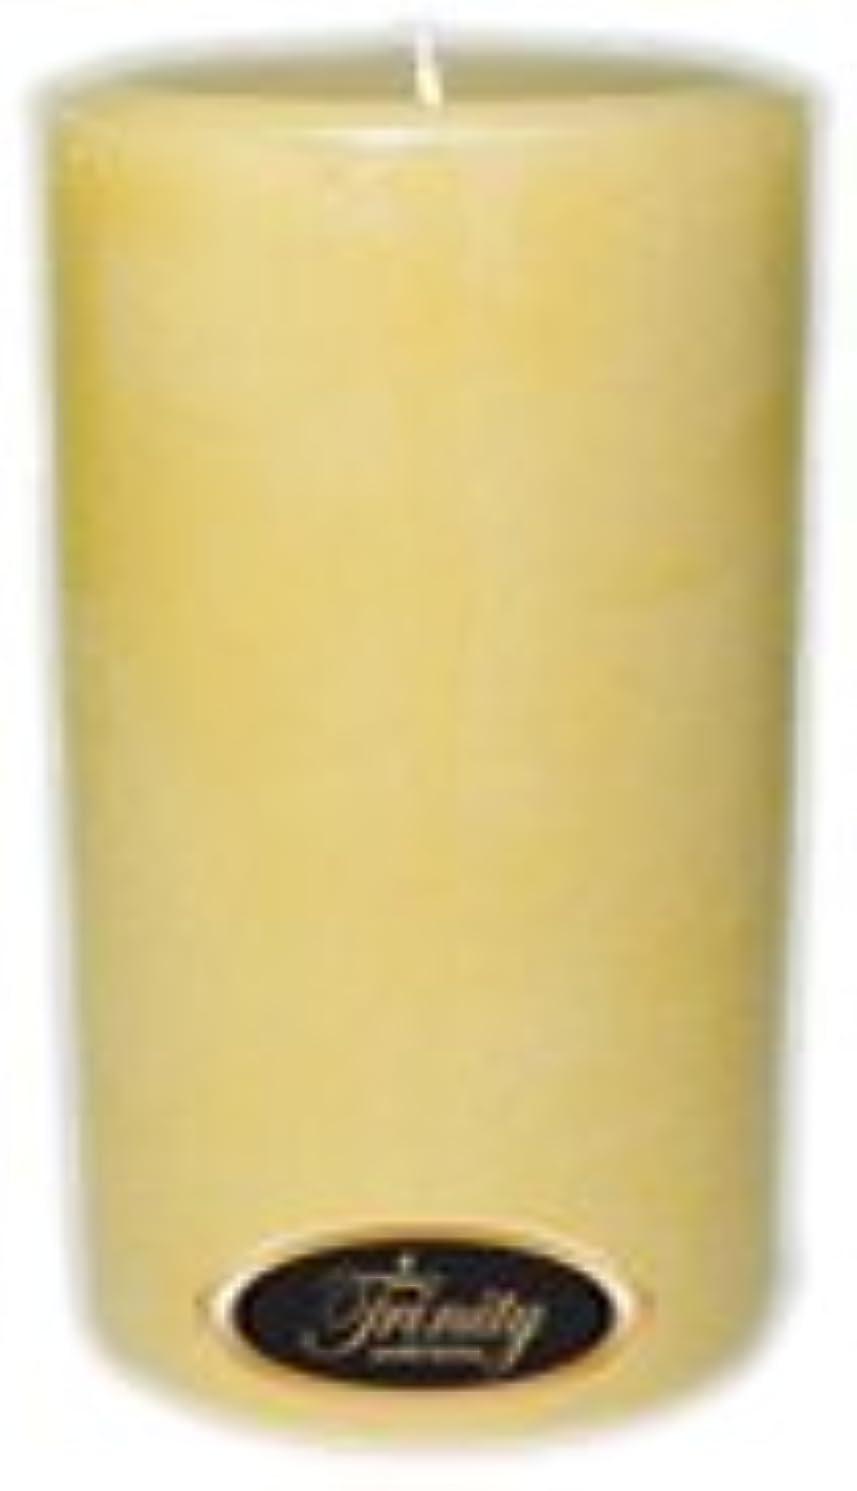 会員オプション延ばすTrinity Candle工場 – Vanilla Spice – Pillar Candle – 4 x 6